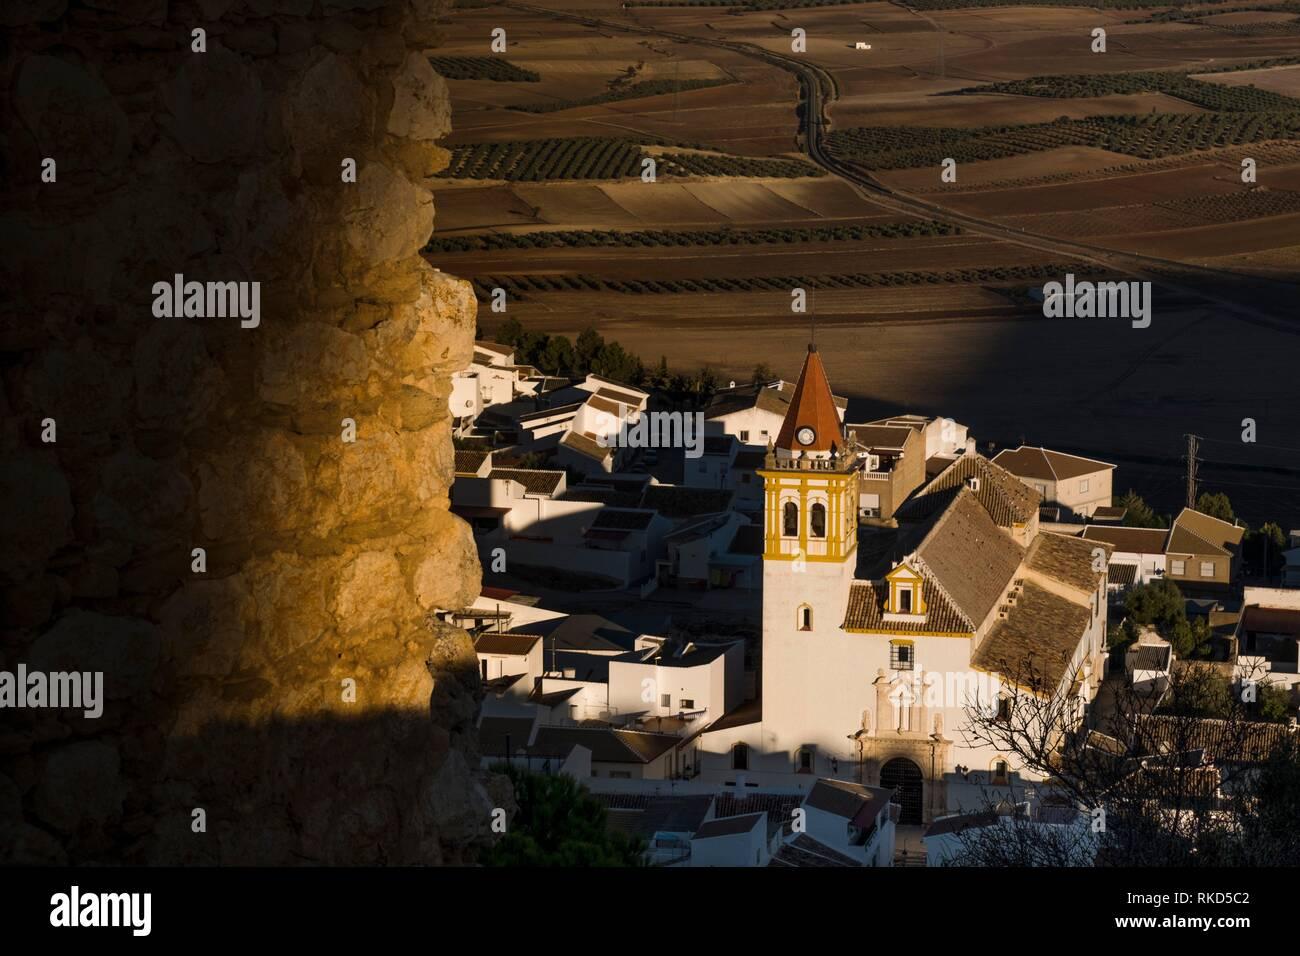 Spagna, Andalusia, provincia di Malaga, Teba dal castello moresco di La Estrella. Immagini Stock